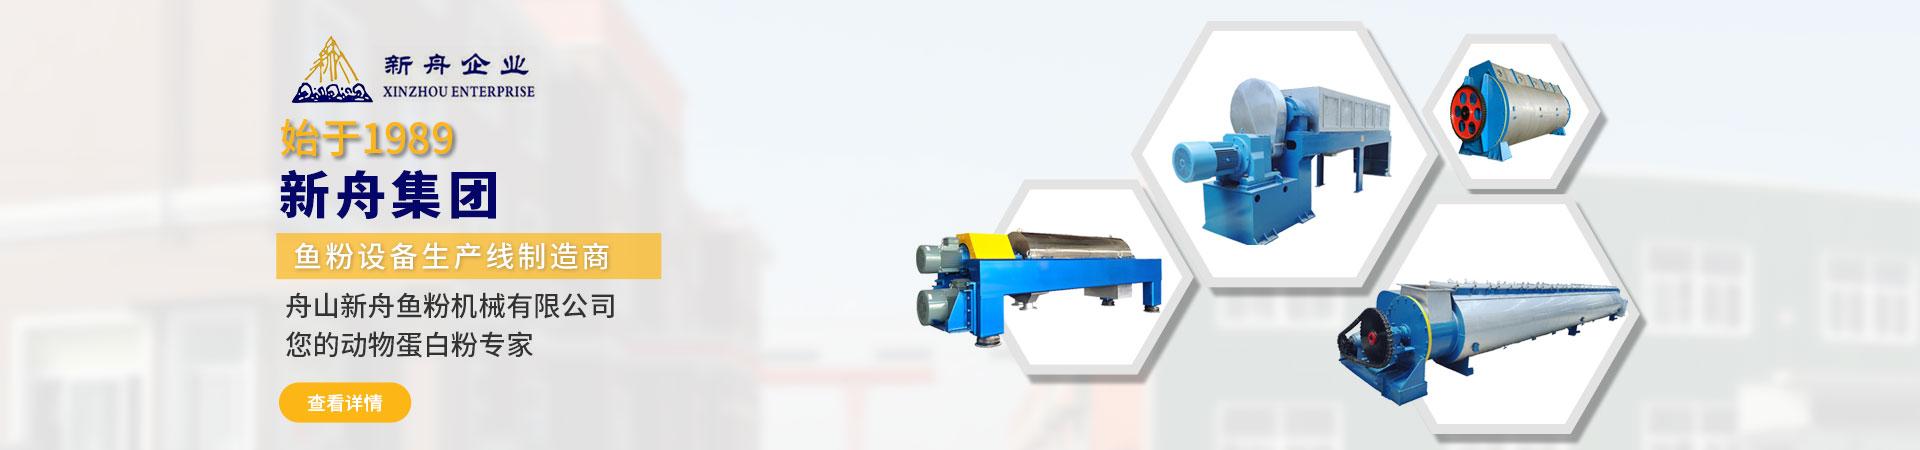 新舟集团鱼粉设备生产线制造商